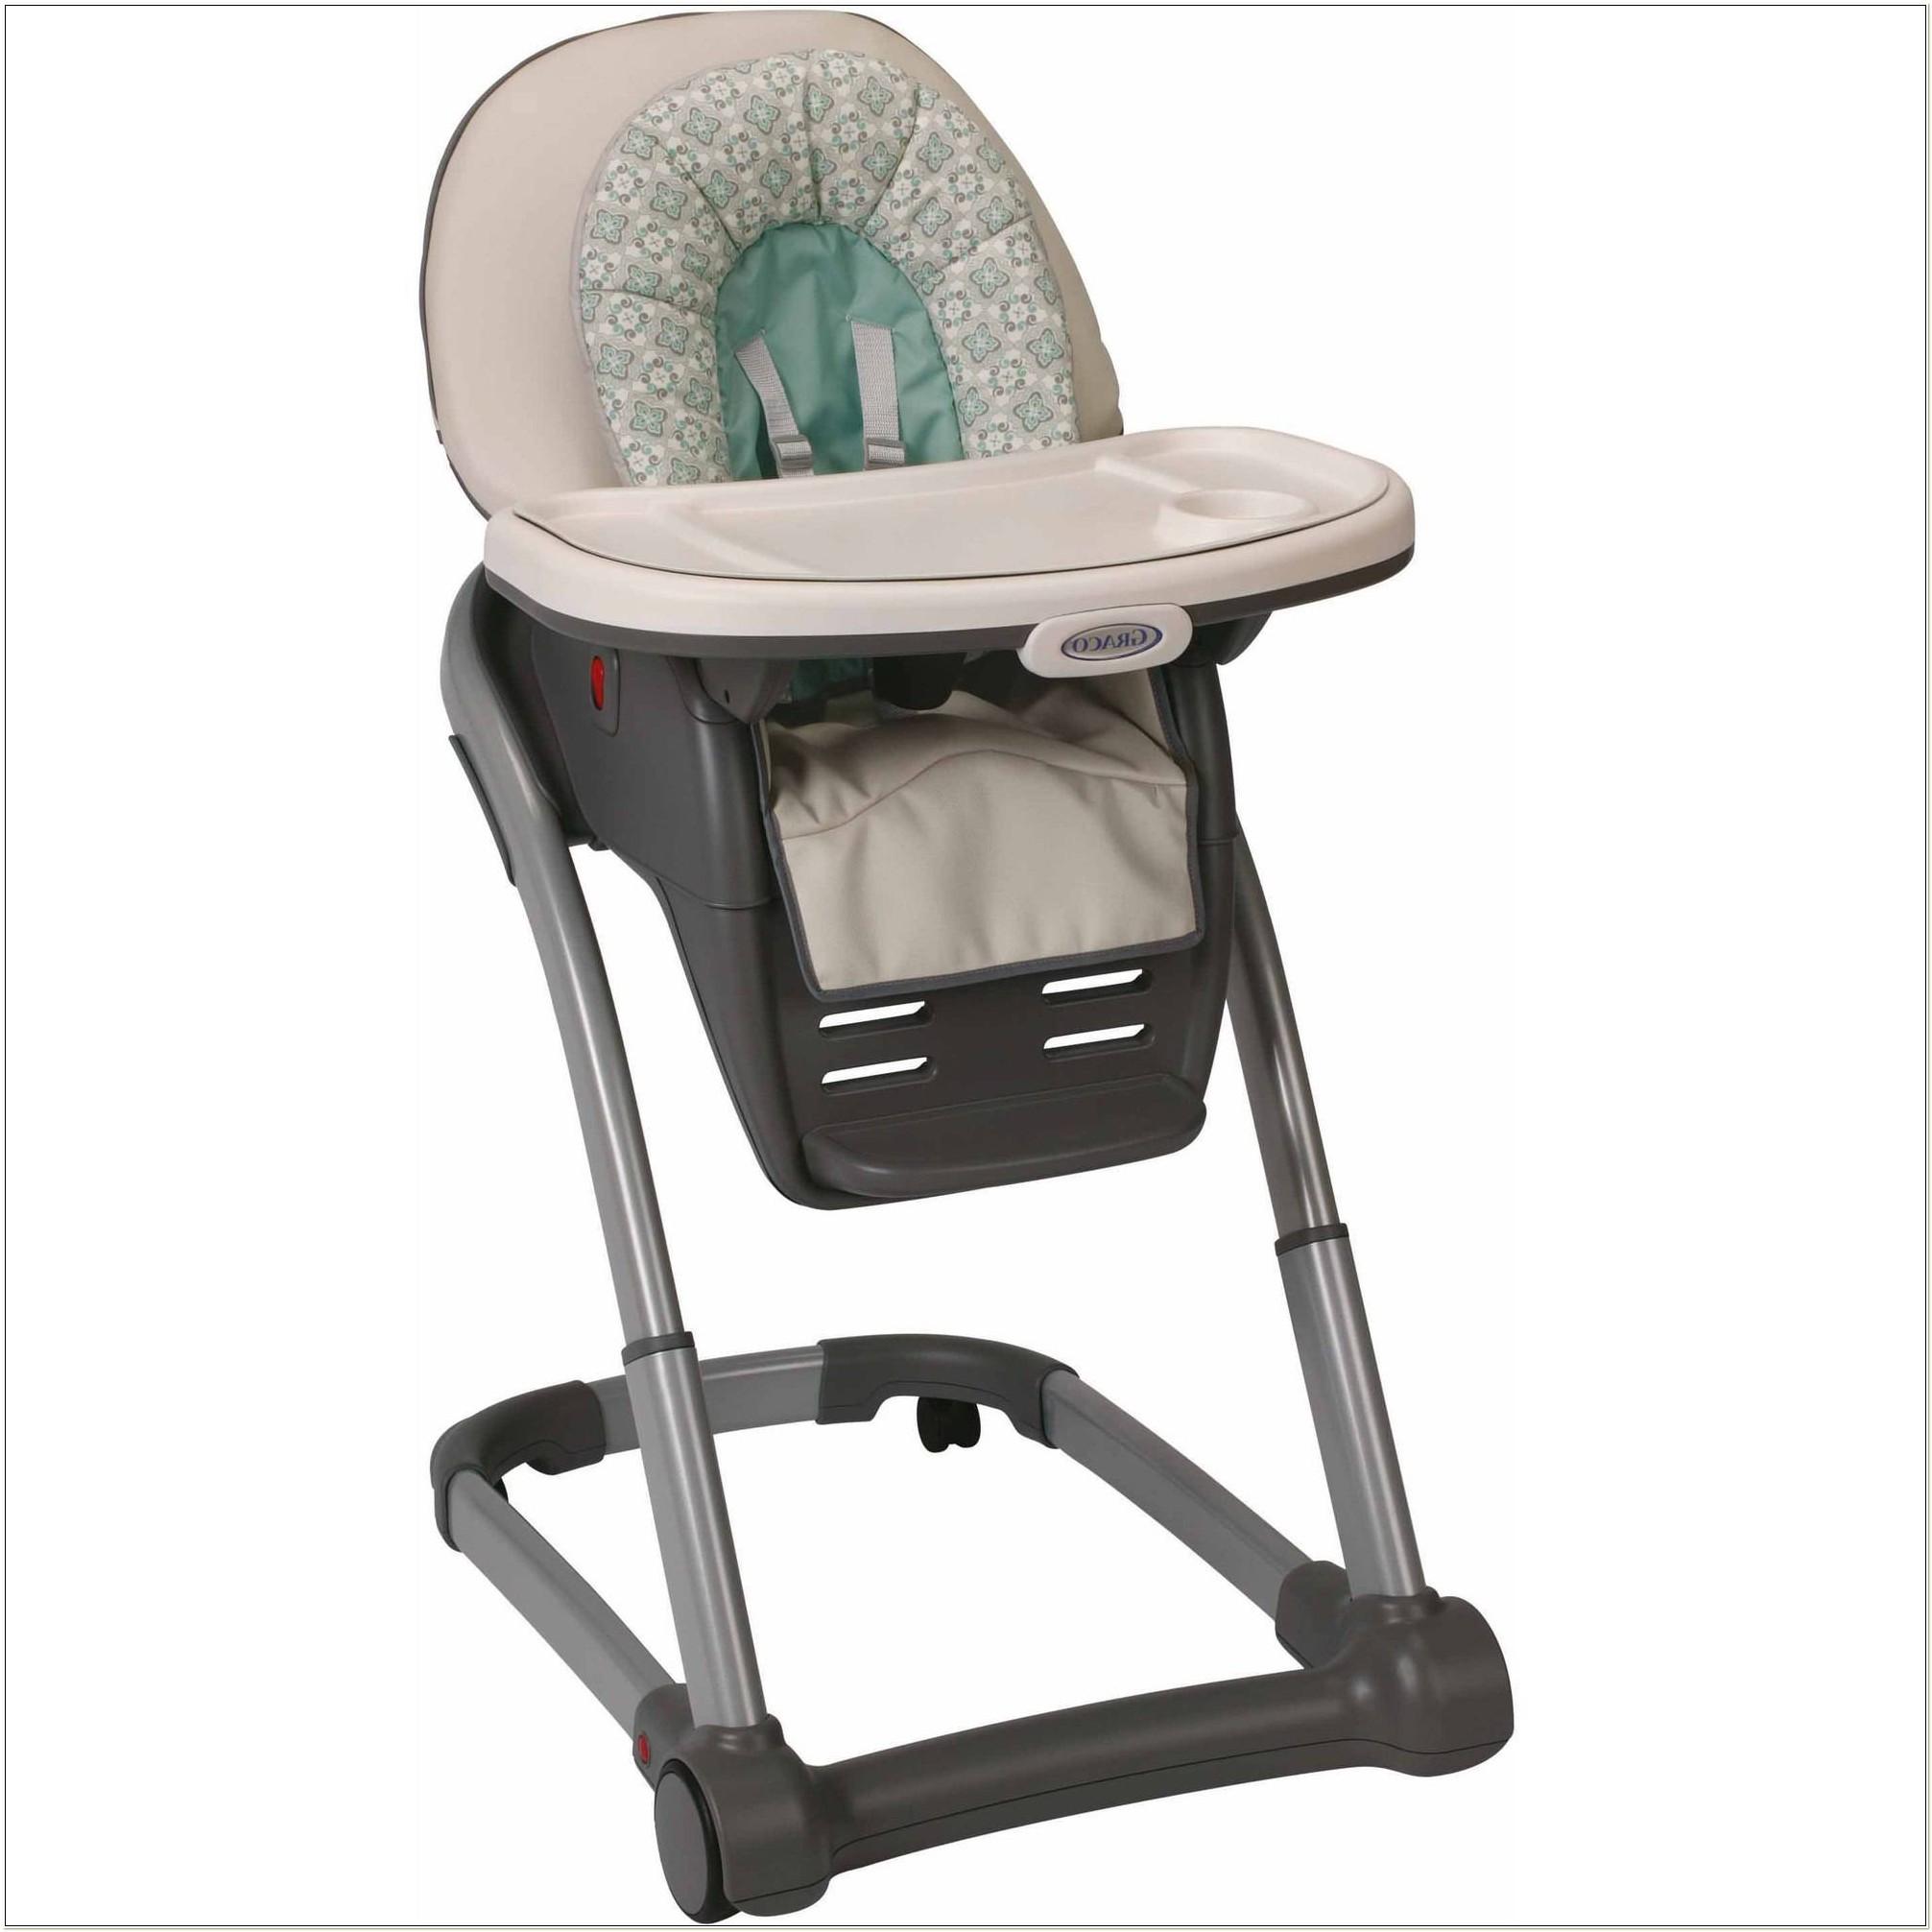 Ebay Australia Baby High Chairs